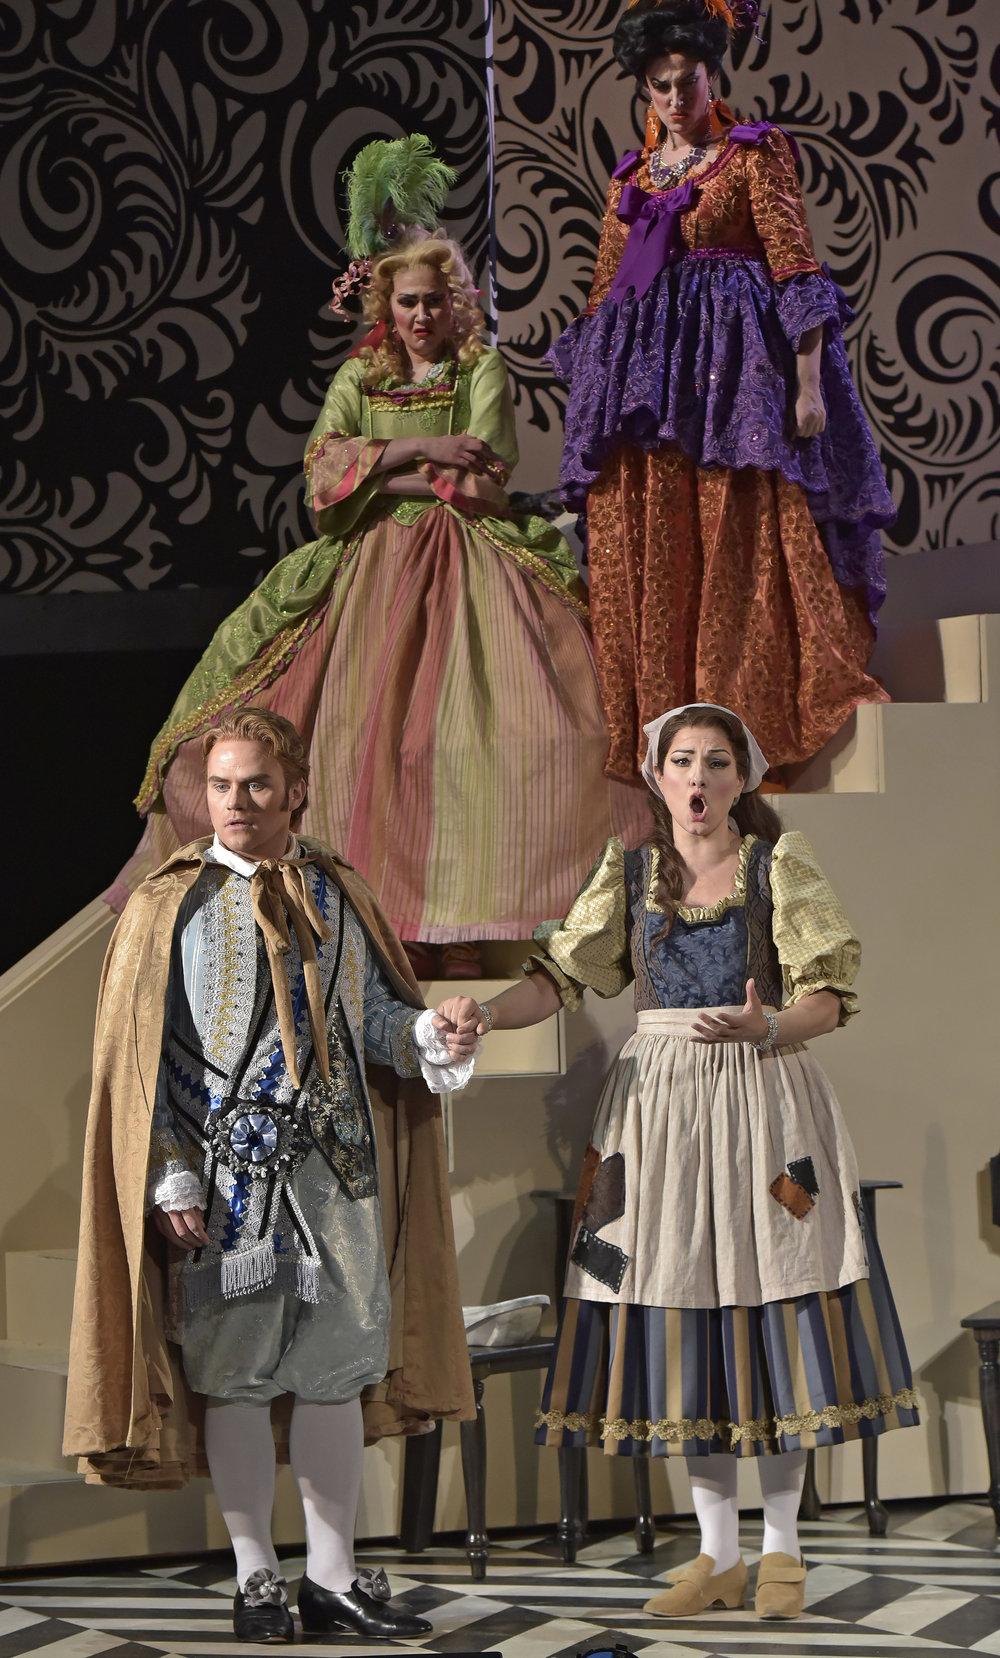 Opera_Saratoga_GG63265.jpg